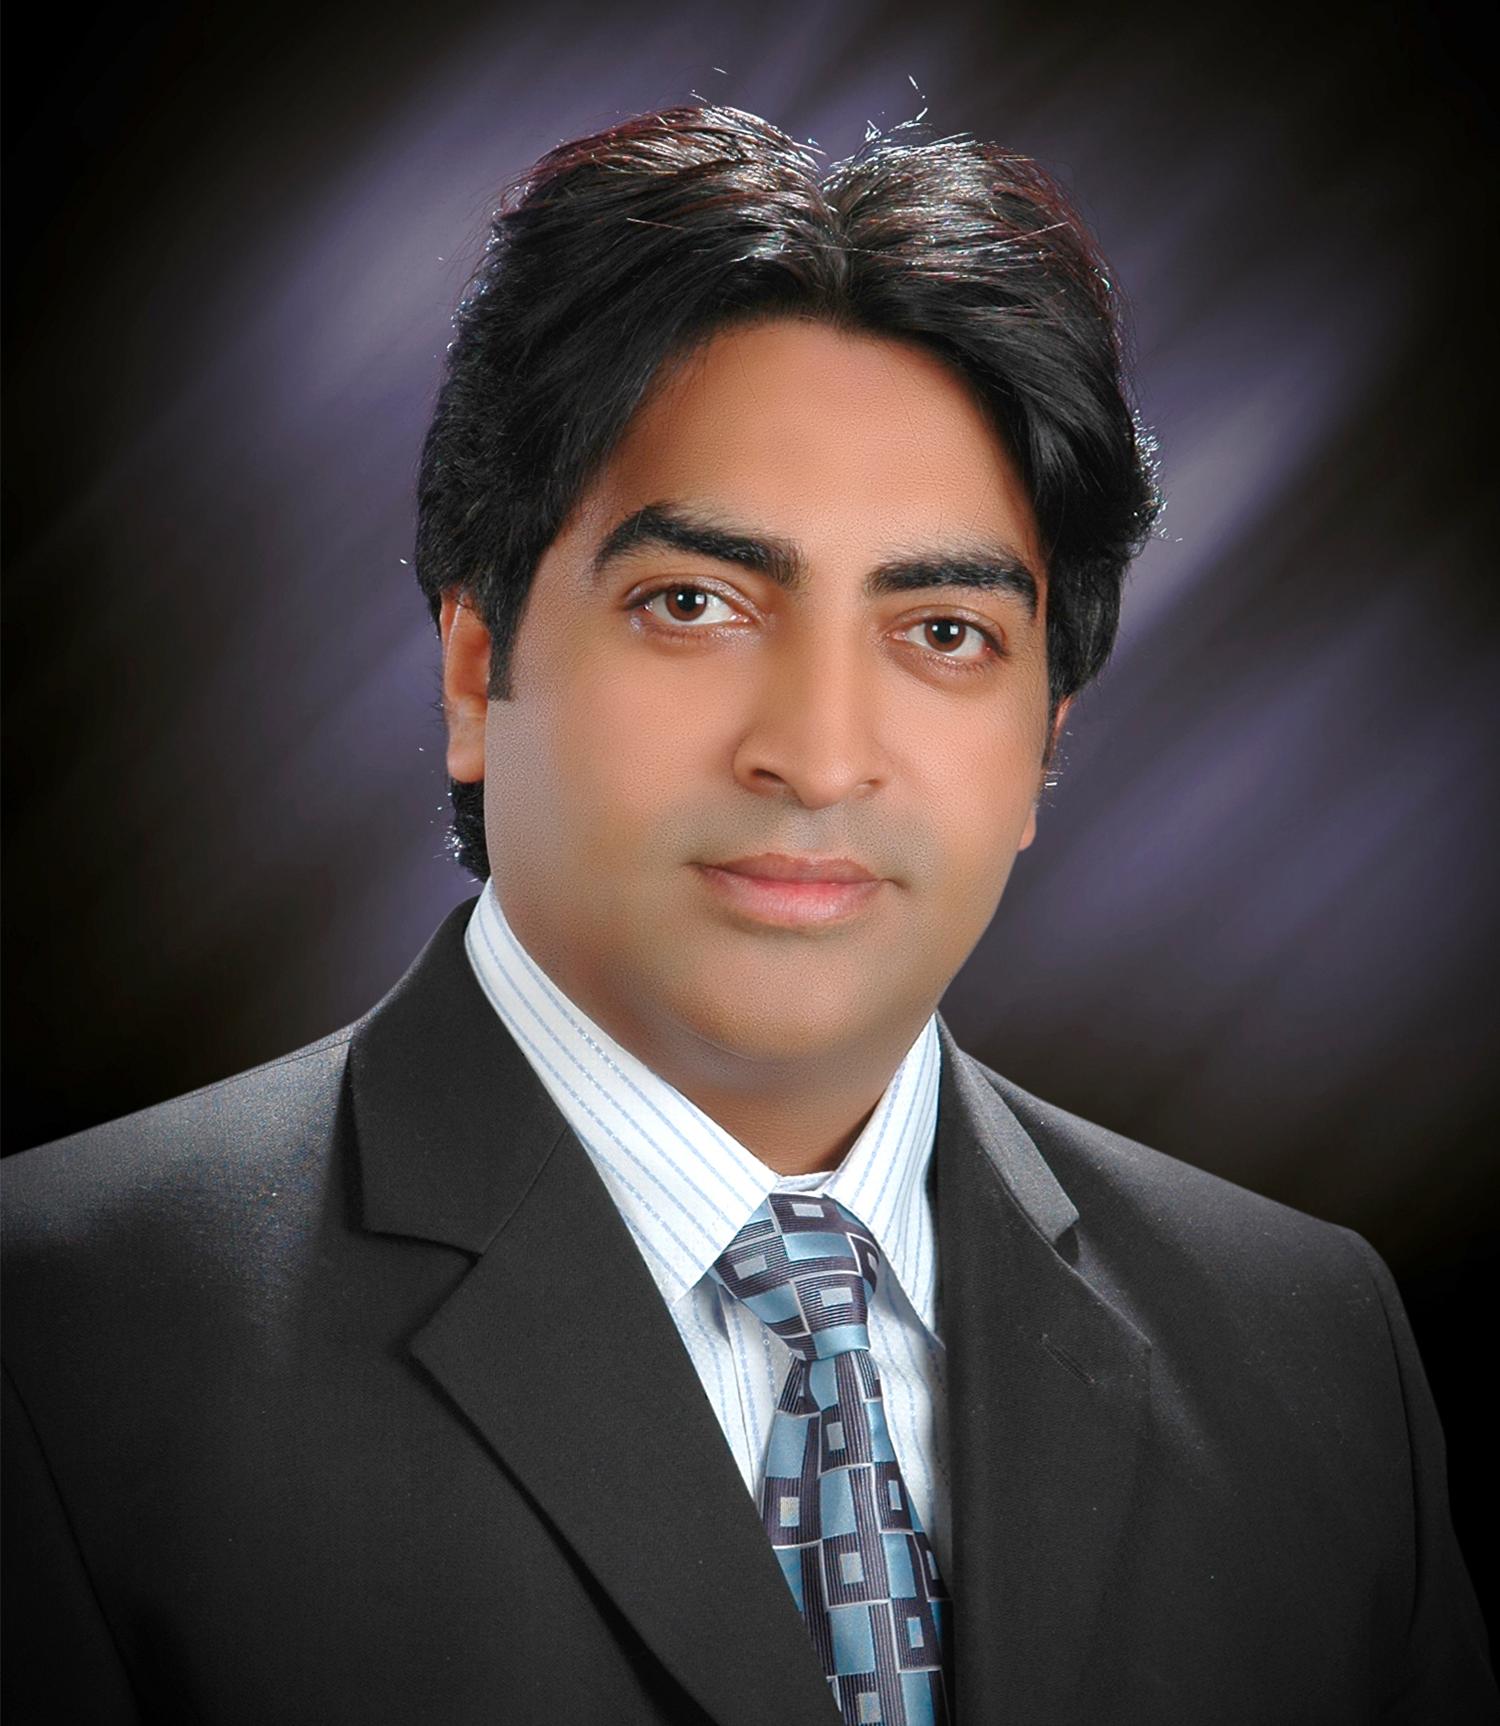 Imran Malik